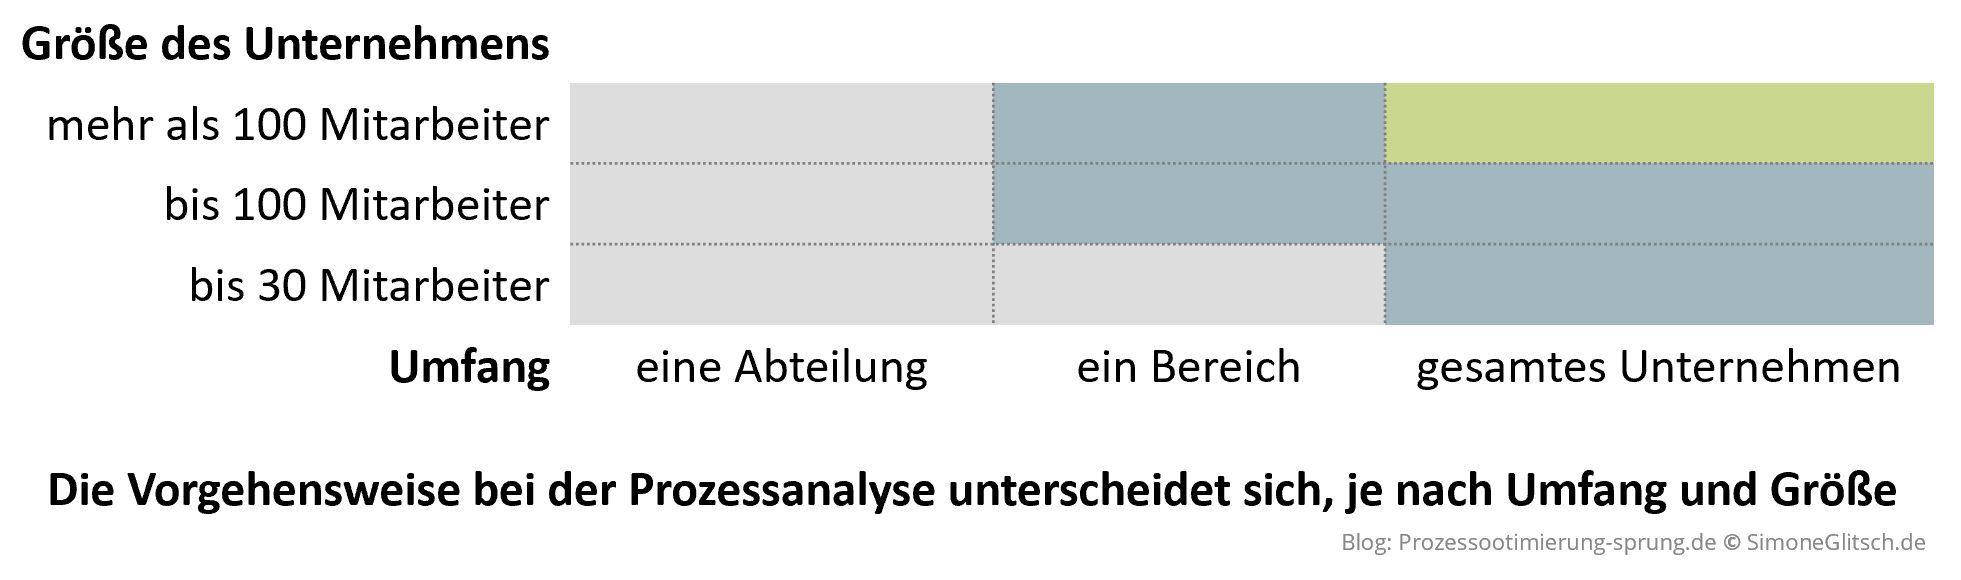 Methode Prozessanalyse ist je nach Größe und Umfang unterschiedlich